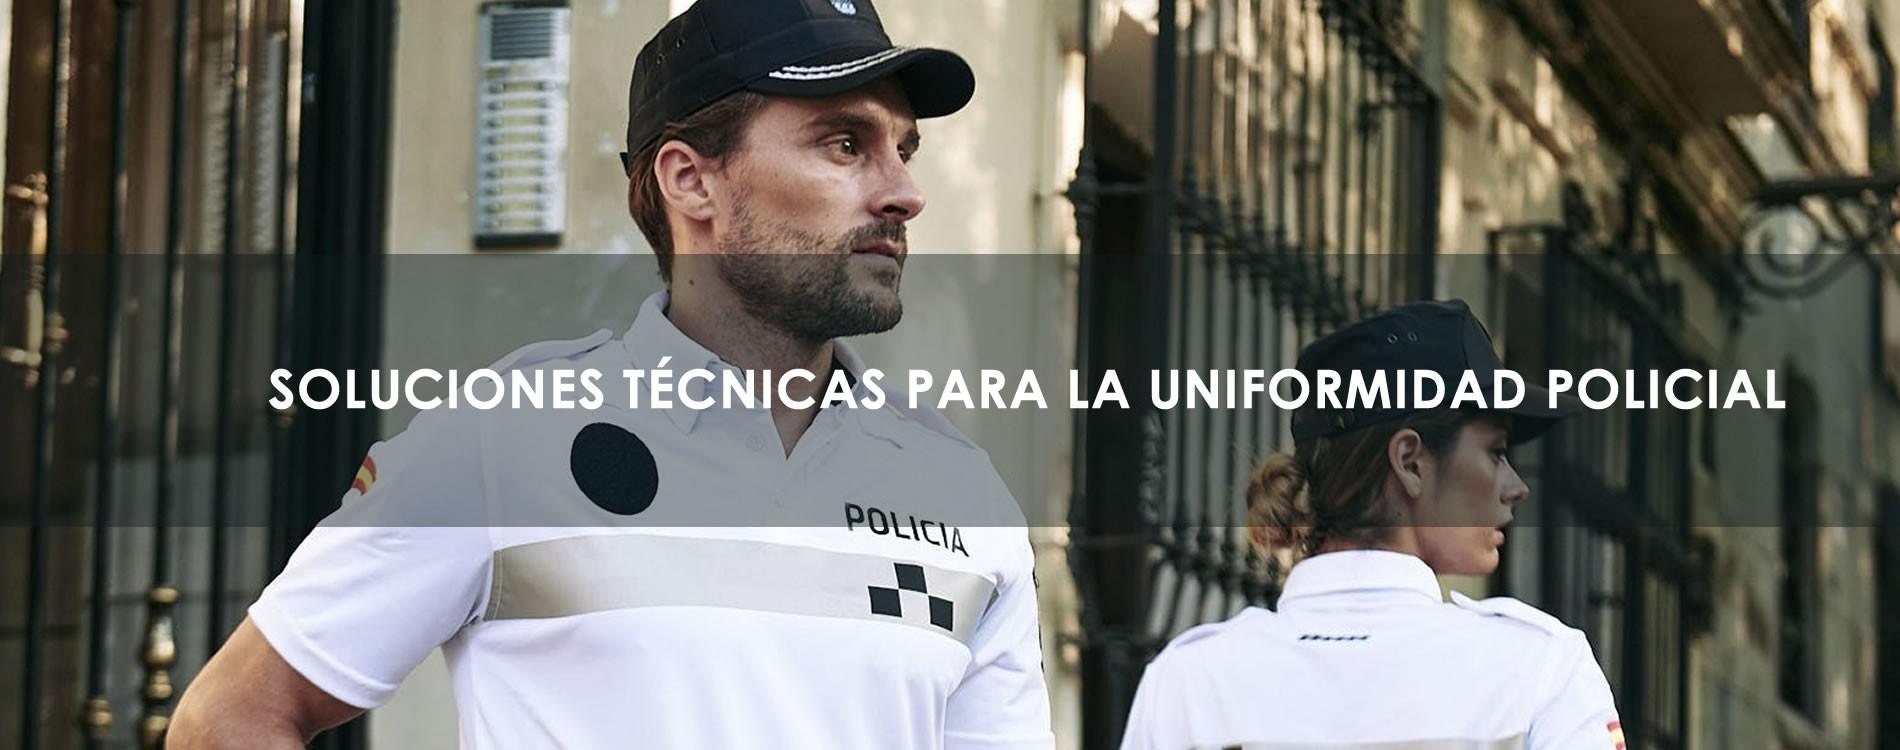 SOLUCIONES TÉCNICAS PARA LA UNIFORMIDAD POLICIAL